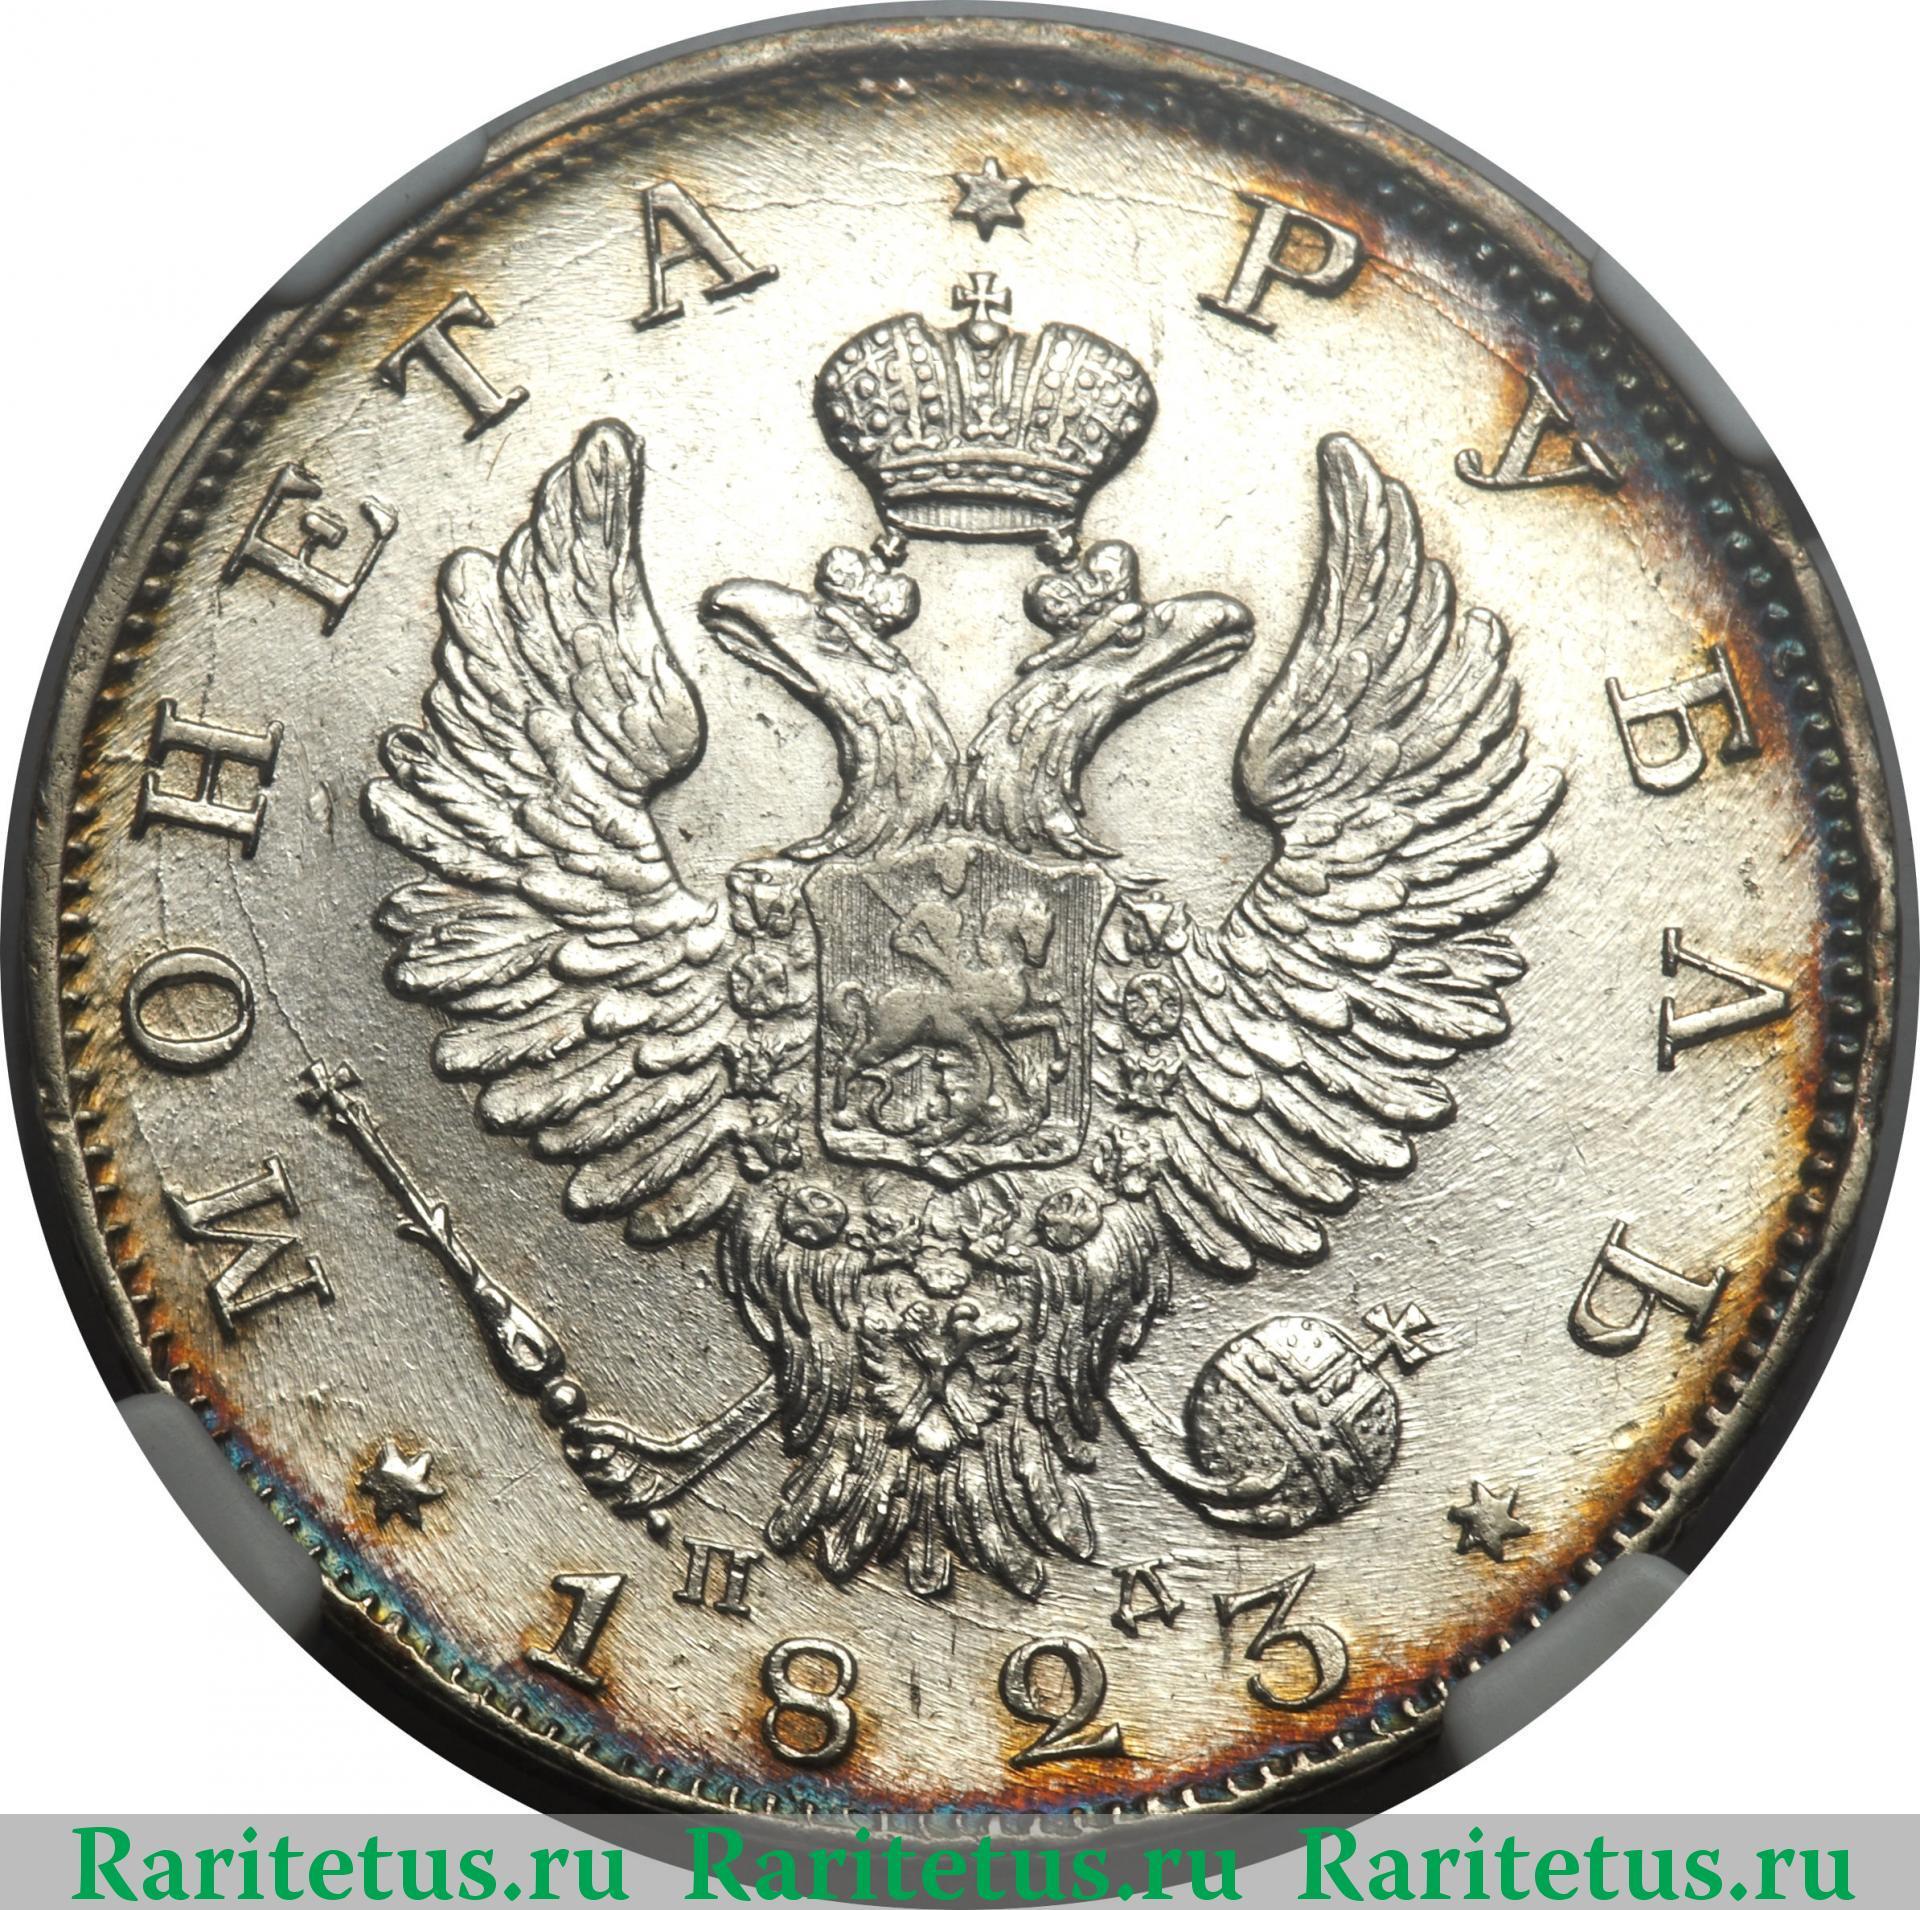 Сколько стоит монета 1823 года 10 bani 2000